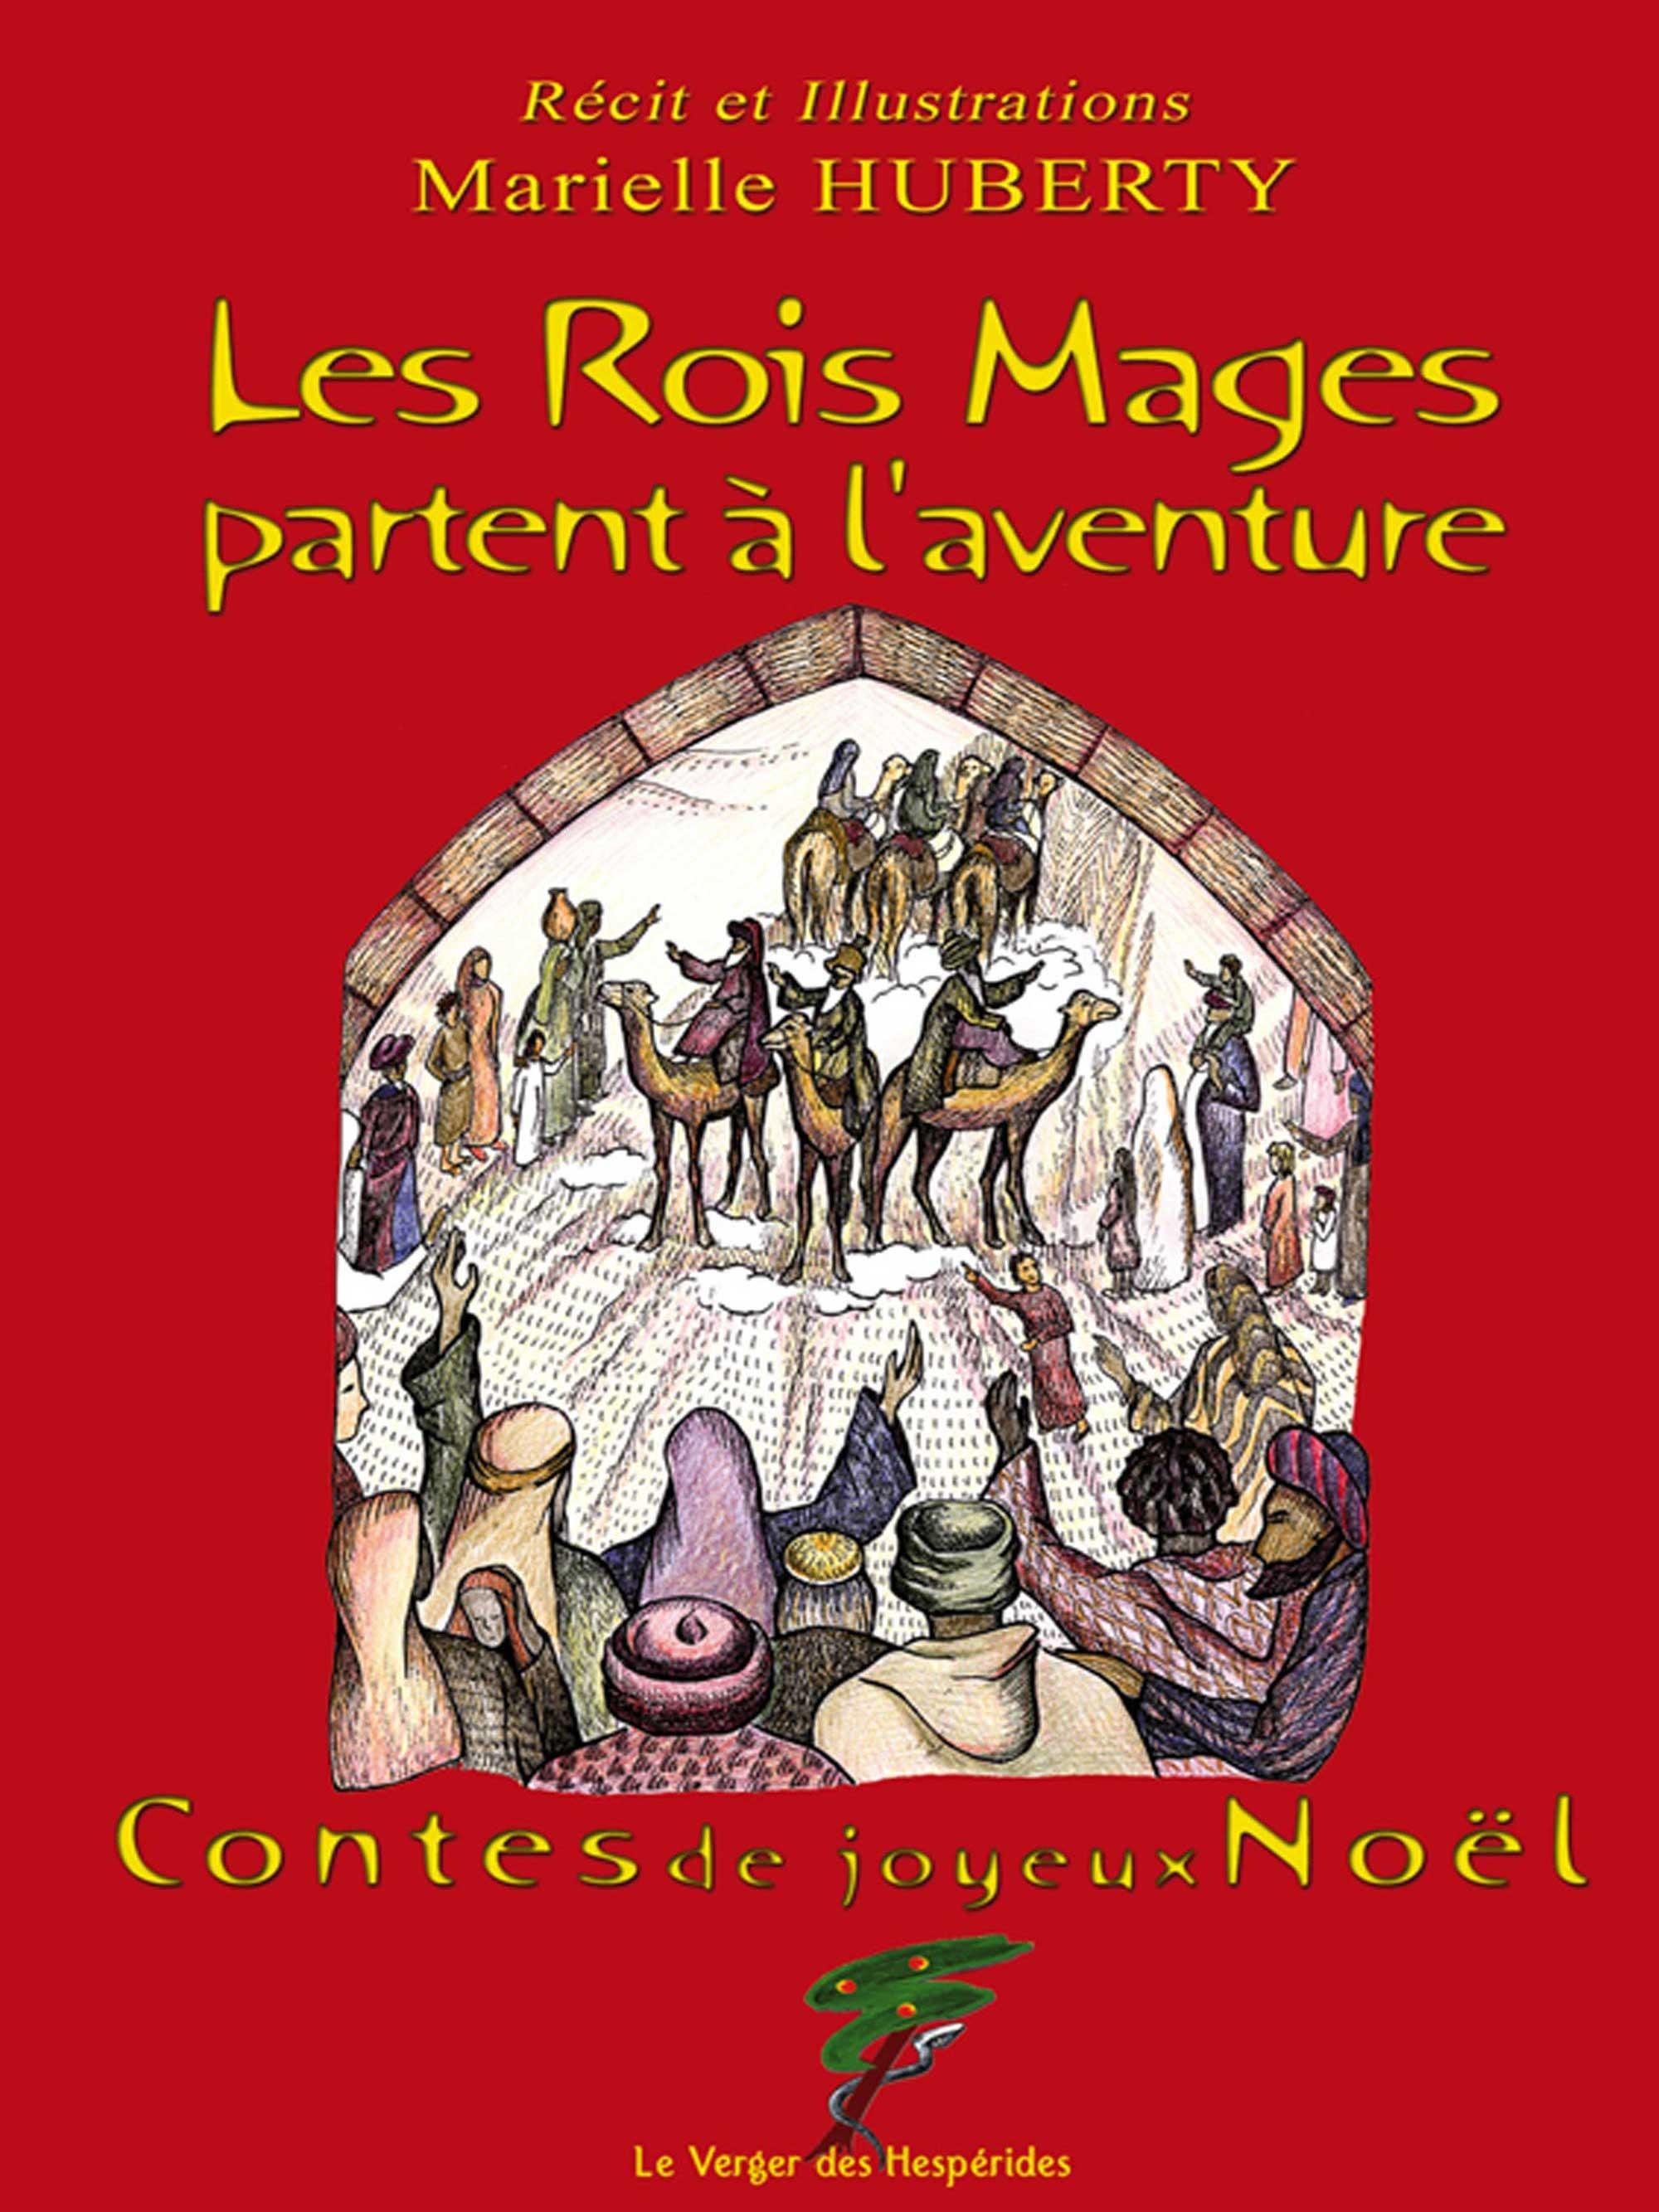 Marielle Huberty Les Rois Mages partent à l'aventure